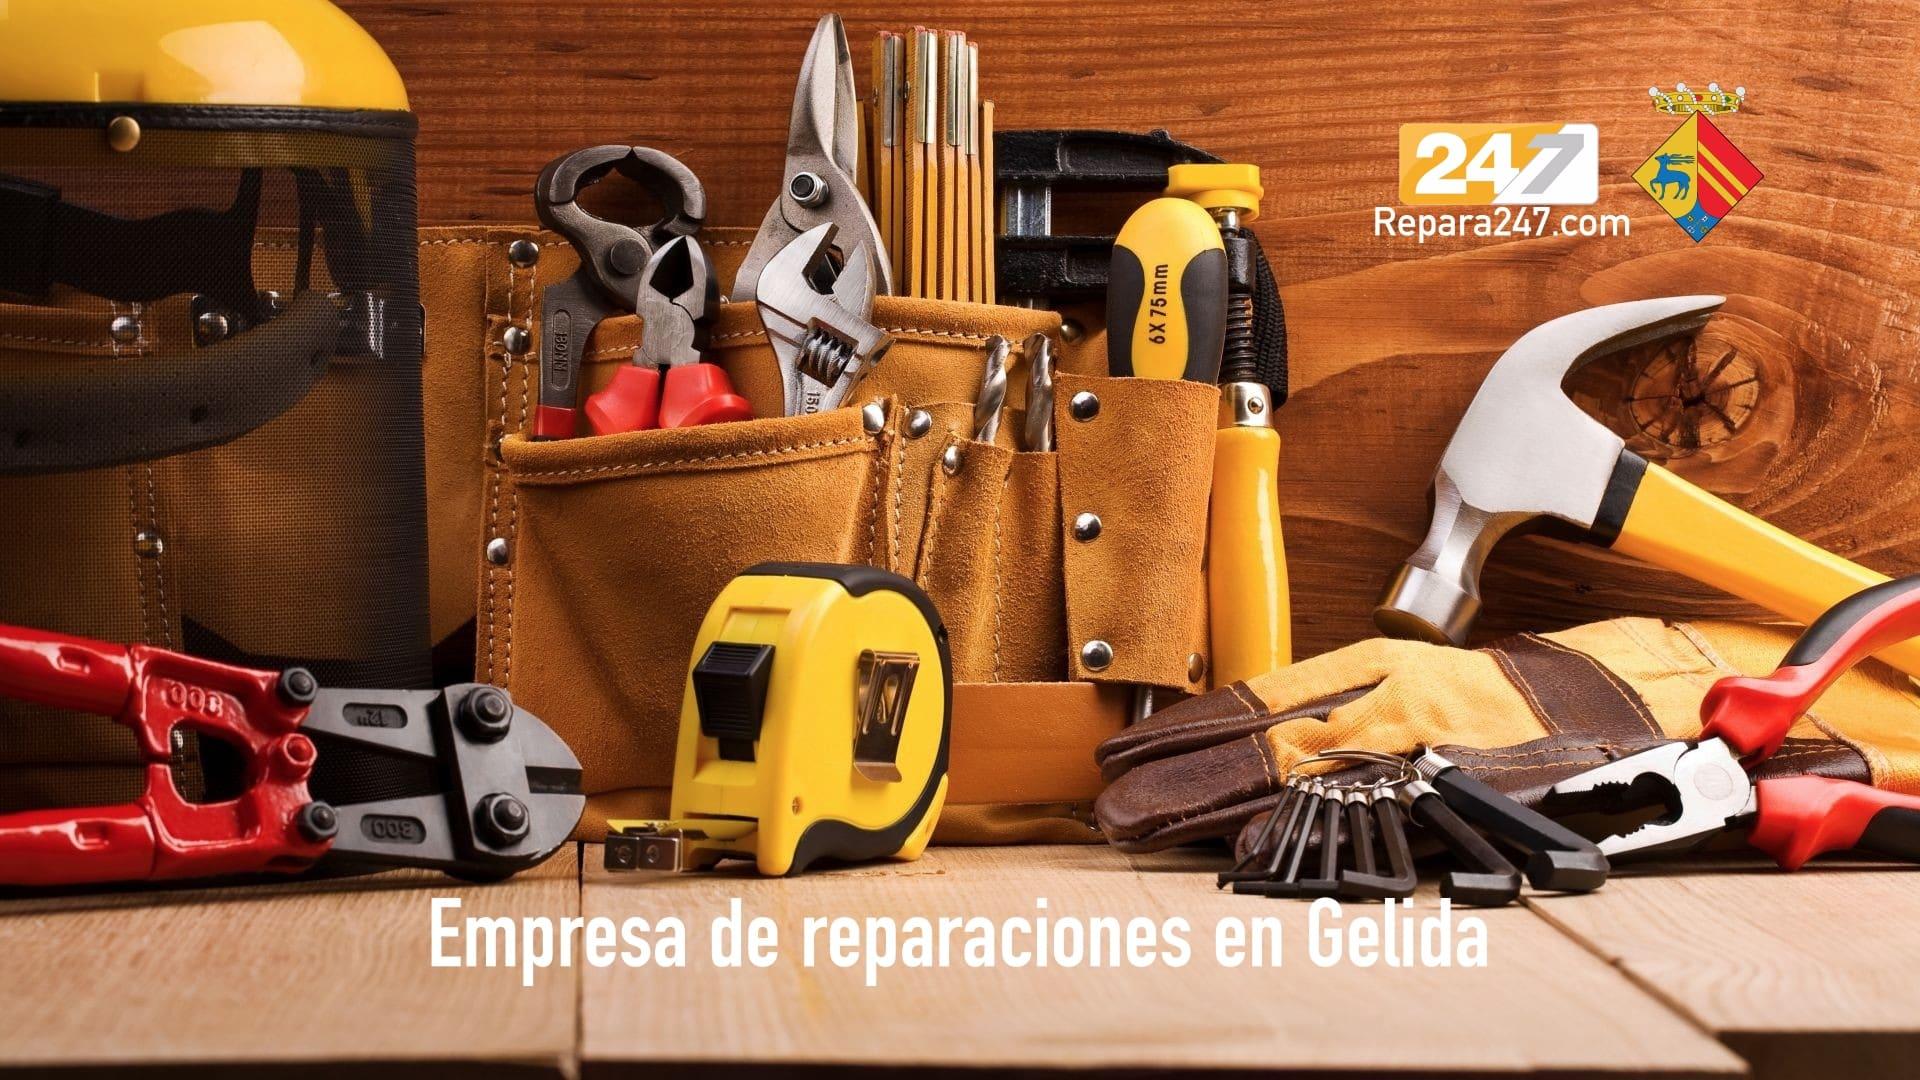 Empresa de reparaciones en Gelida